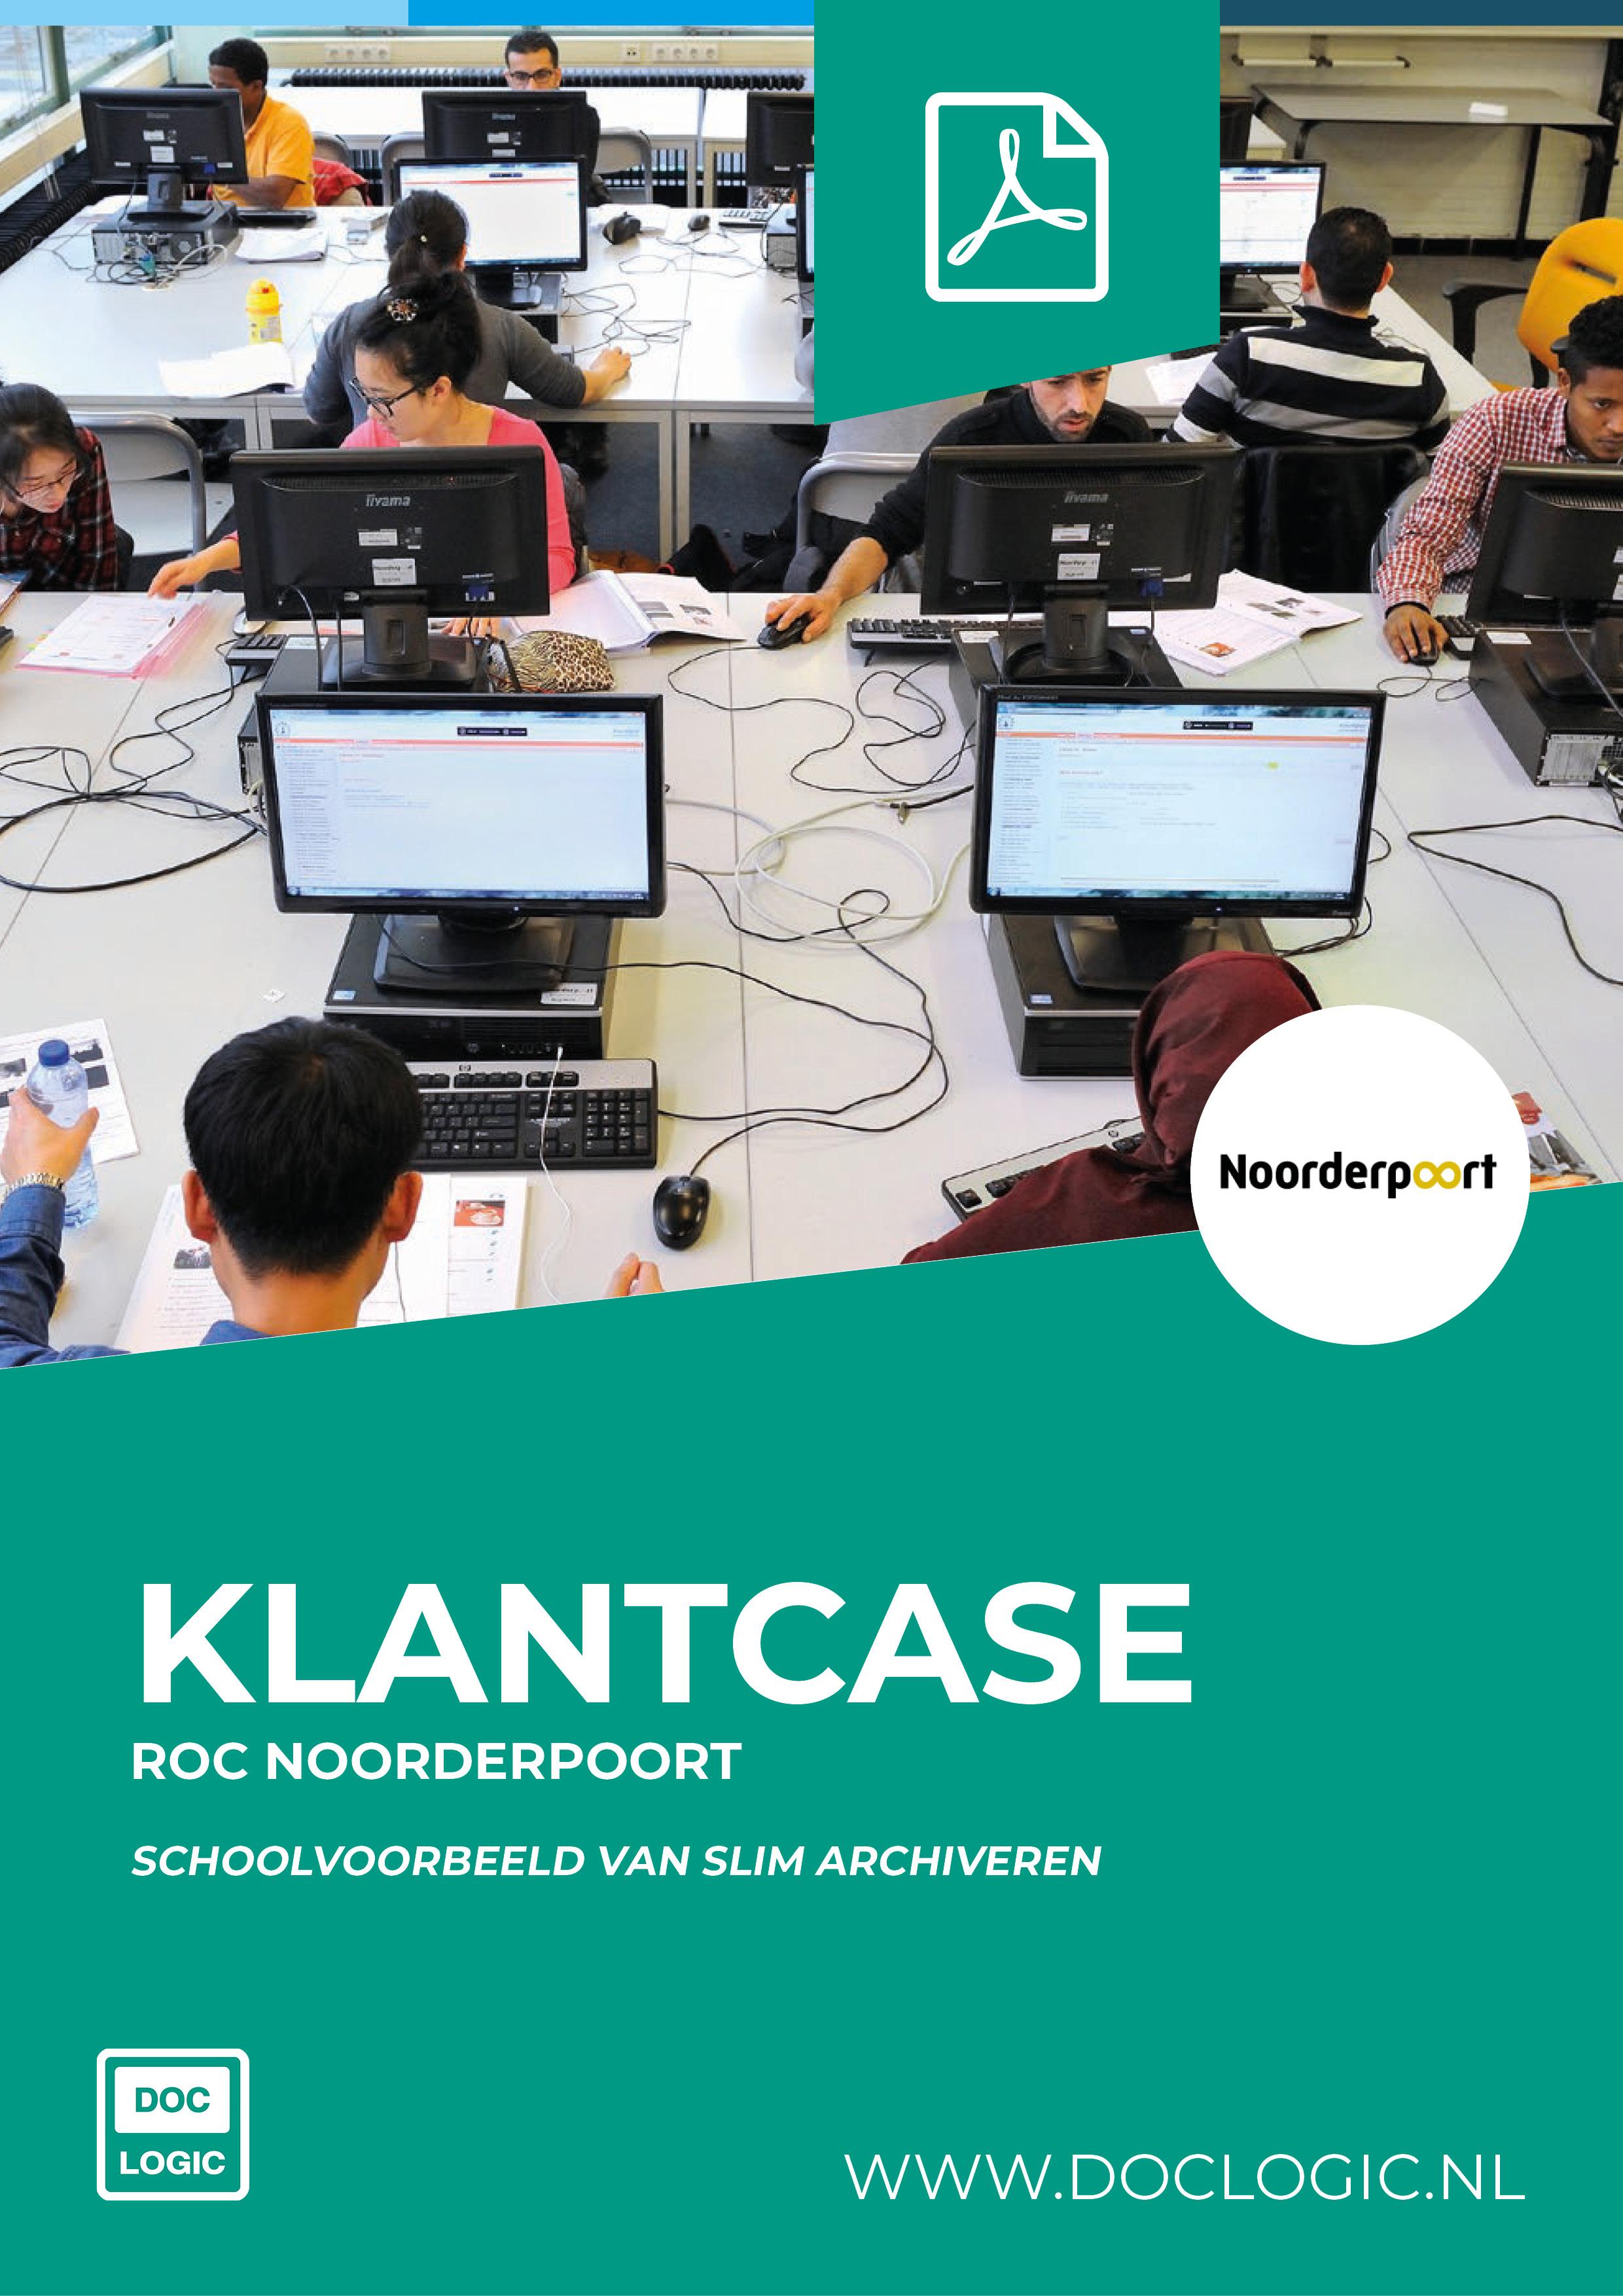 Voorkant-Noorderpoort-record-management.jpg